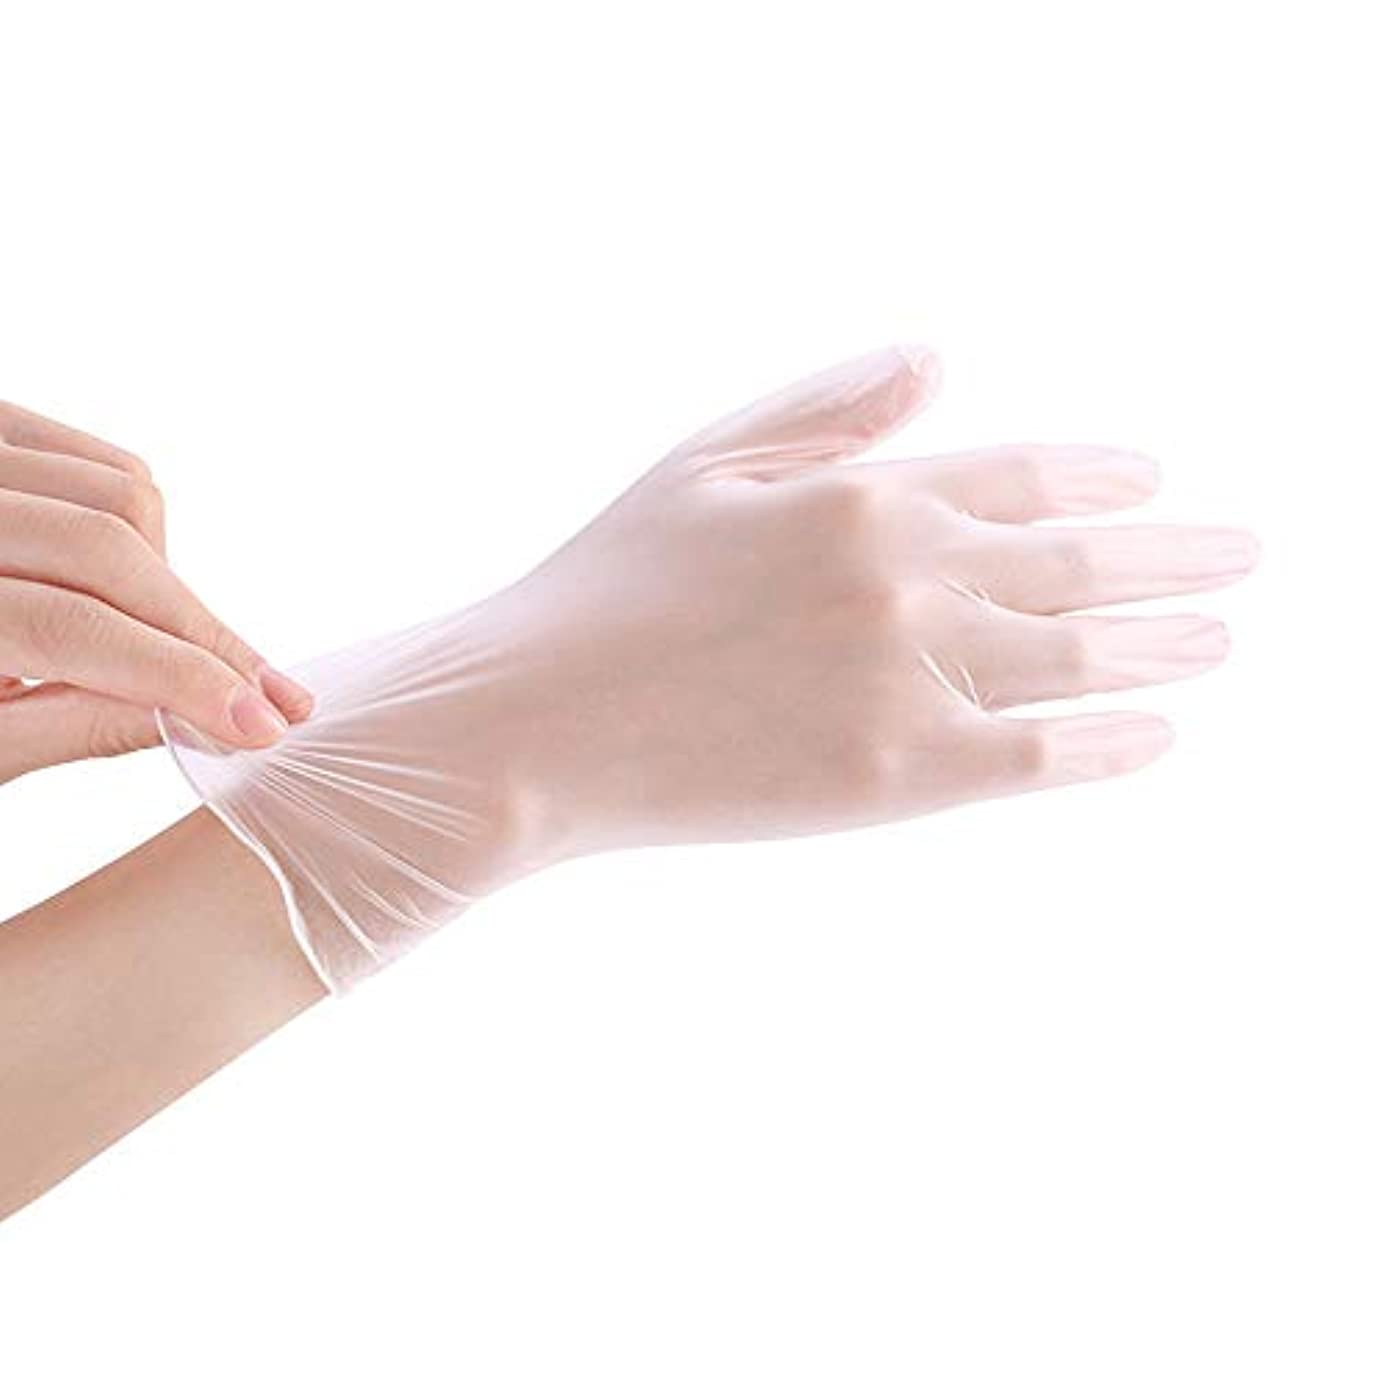 効率的主張するリーOrange Cat【100枚入り】 ビニール 使い捨て 手袋 極薄 透明 キッチン 美容 ベーキング 左右兼用 PVC製